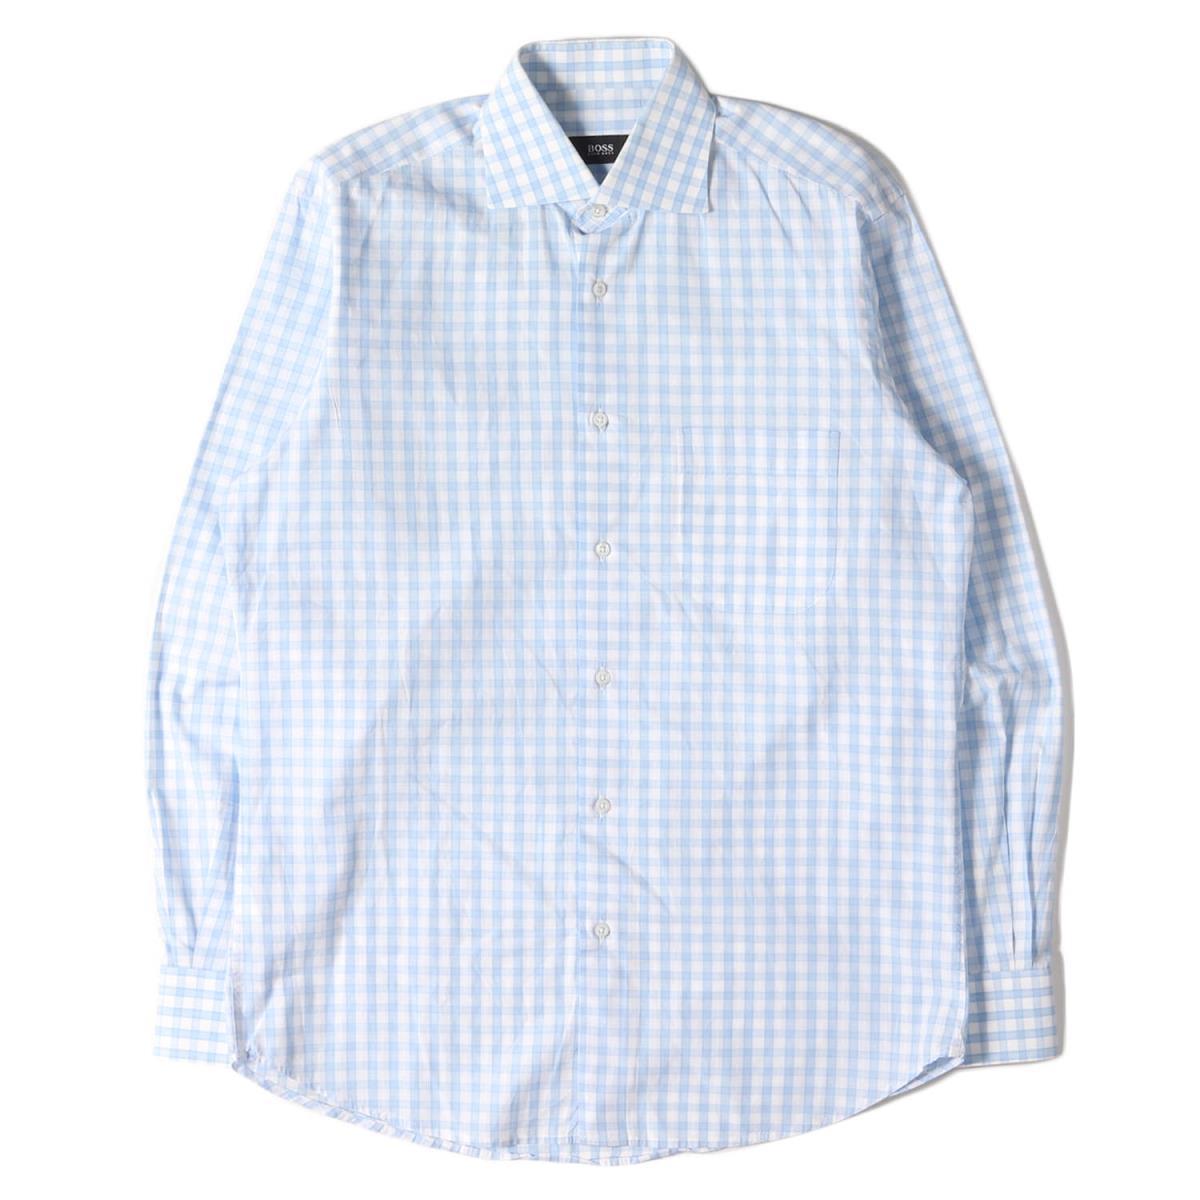 トップス, カジュアルシャツ HUGO BOSS 15(38) K2957